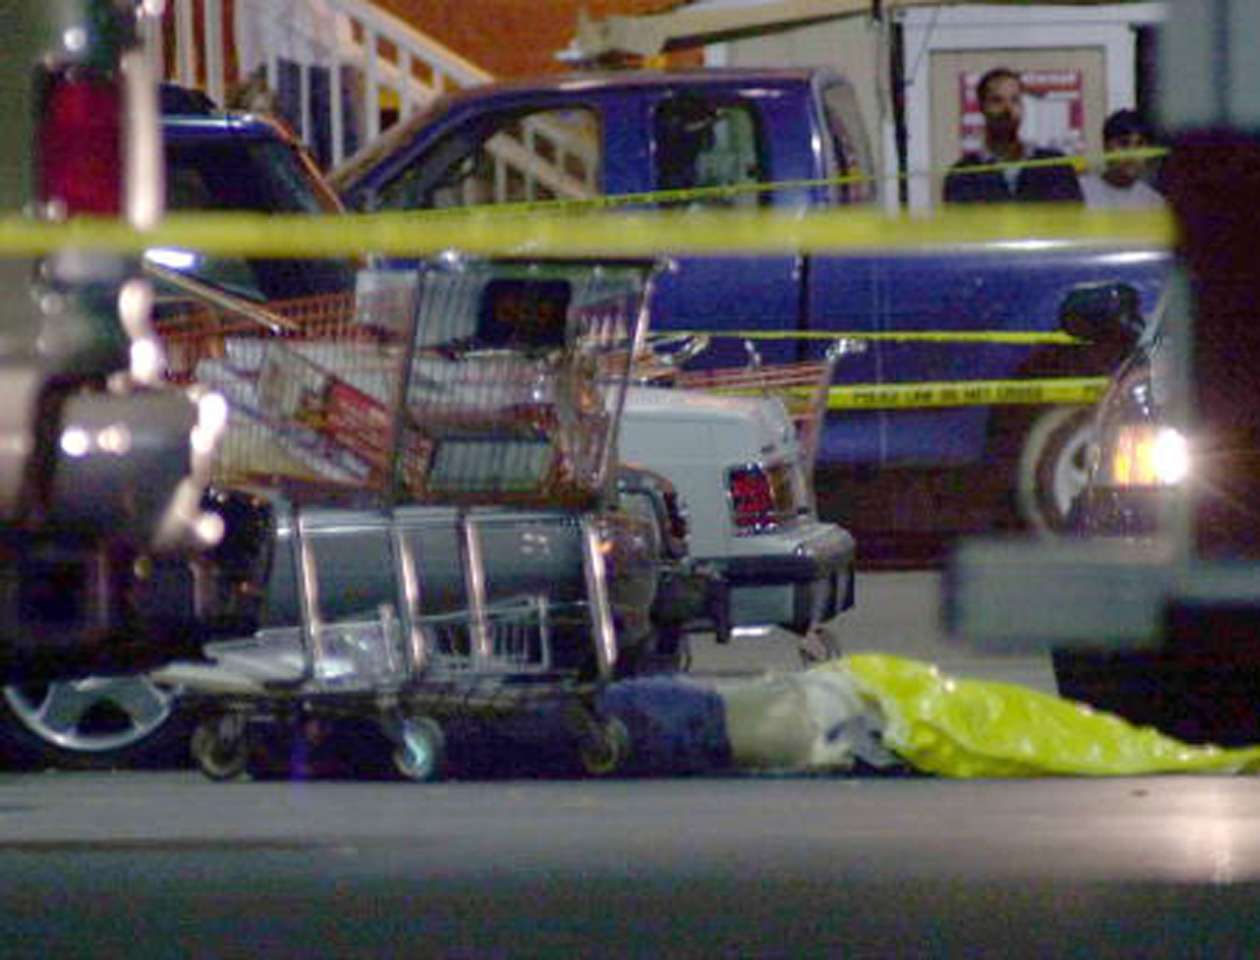 El tiroteo ocurrió a las 4:21 de la tarde del miércoles, menos de dos horas antes de que el centro comercial en Gretna fuera a cerrar por la festividad. Foto: Stefan Zaklin/Getty Images/Archivo